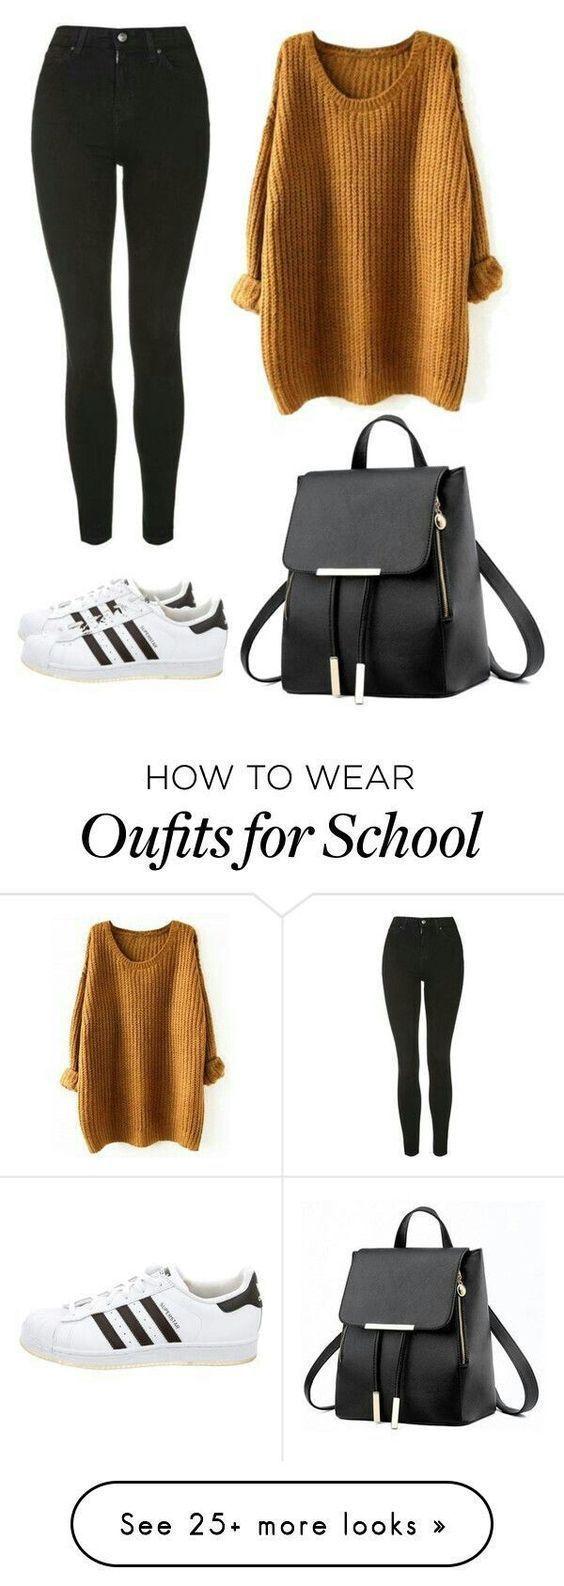 50 Outfits für Teenager, jetzt zu tragen - Harvey Clark #teenageclothing